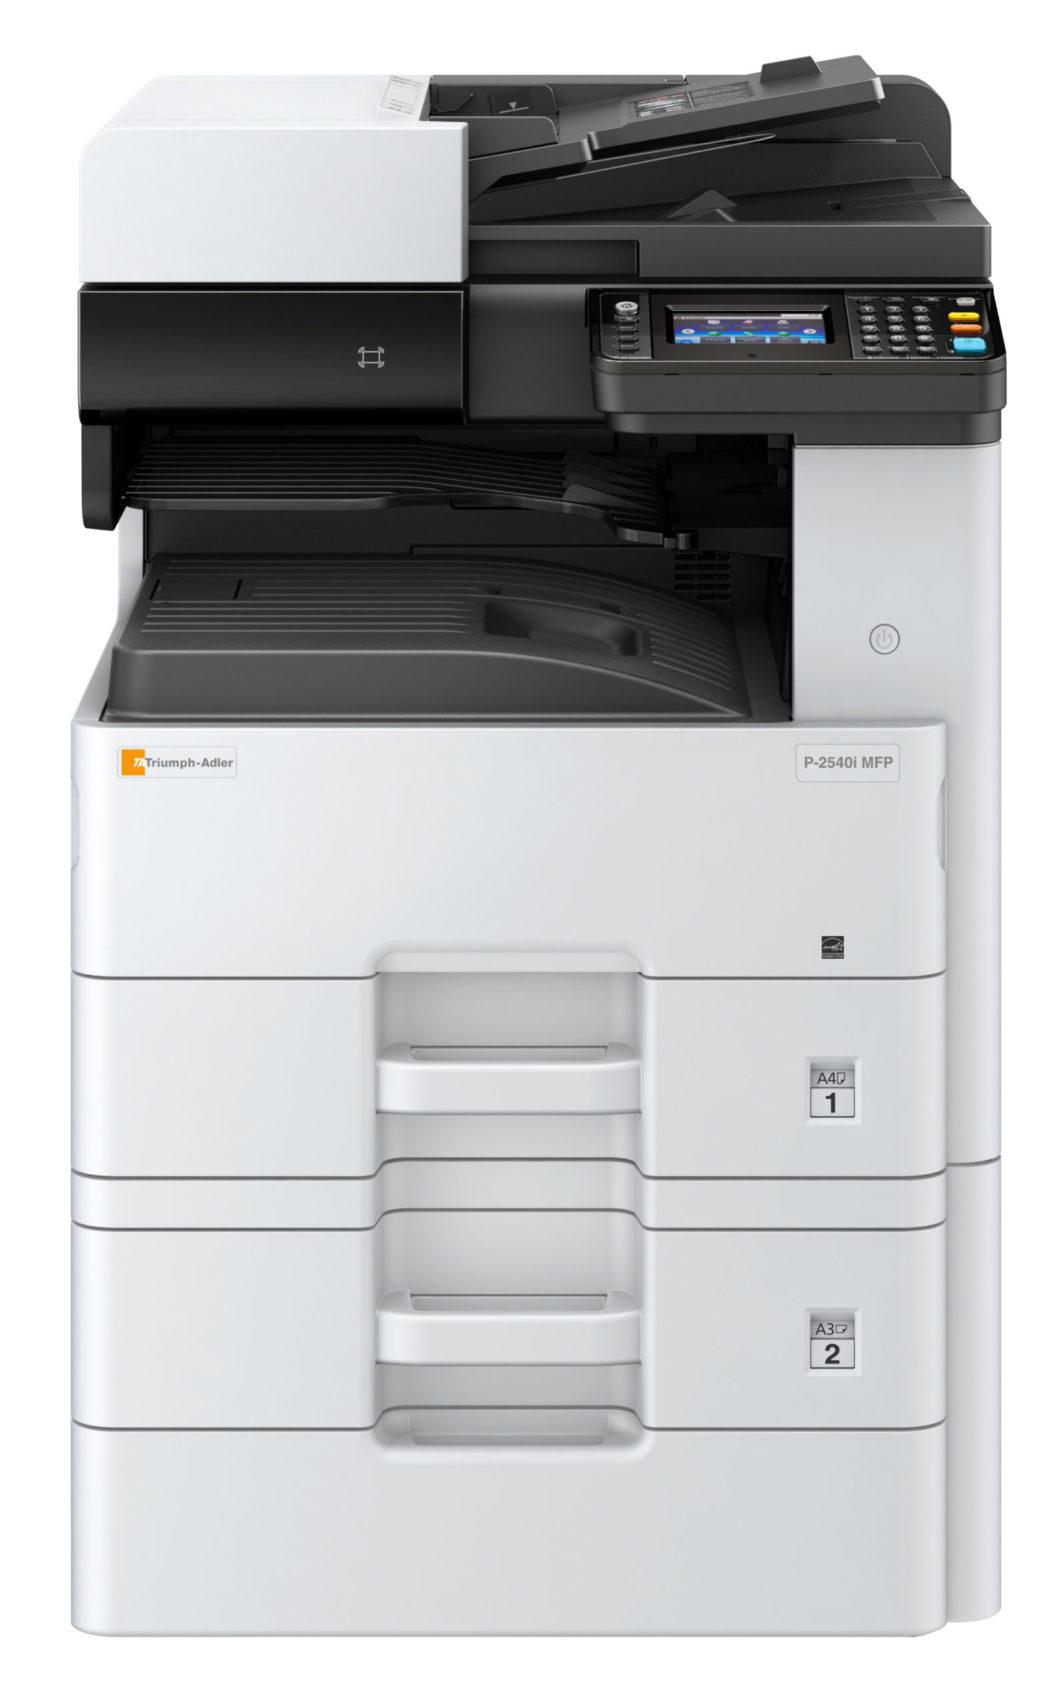 Triump Adler fotocopiatore P- 2540i MFP